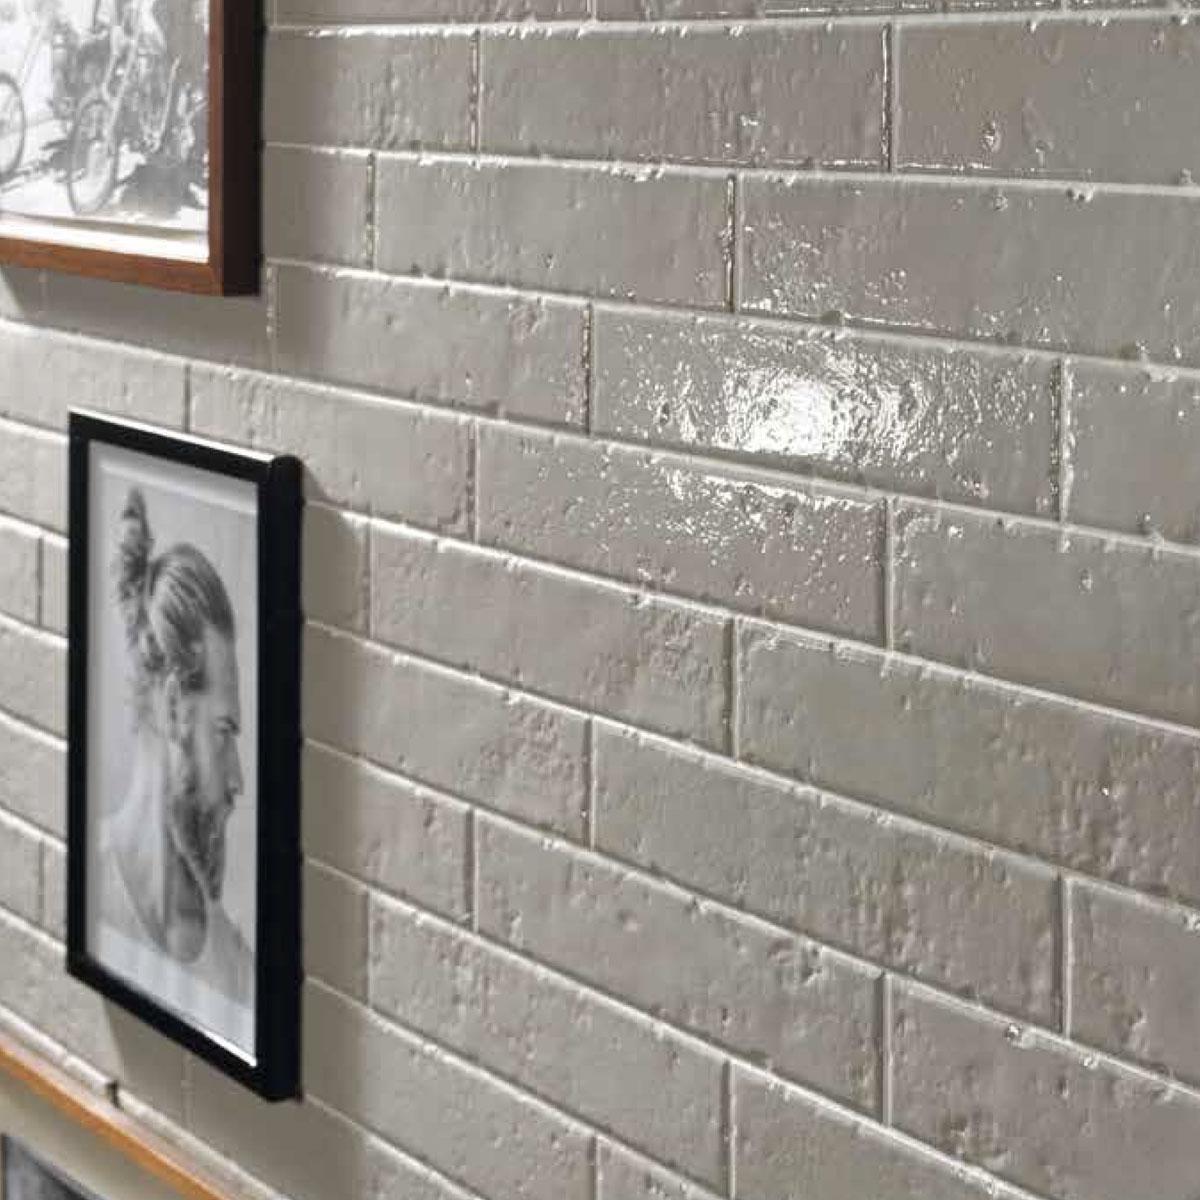 Brickart - gloss - savannah - subway tile - Stone3 Brisbane